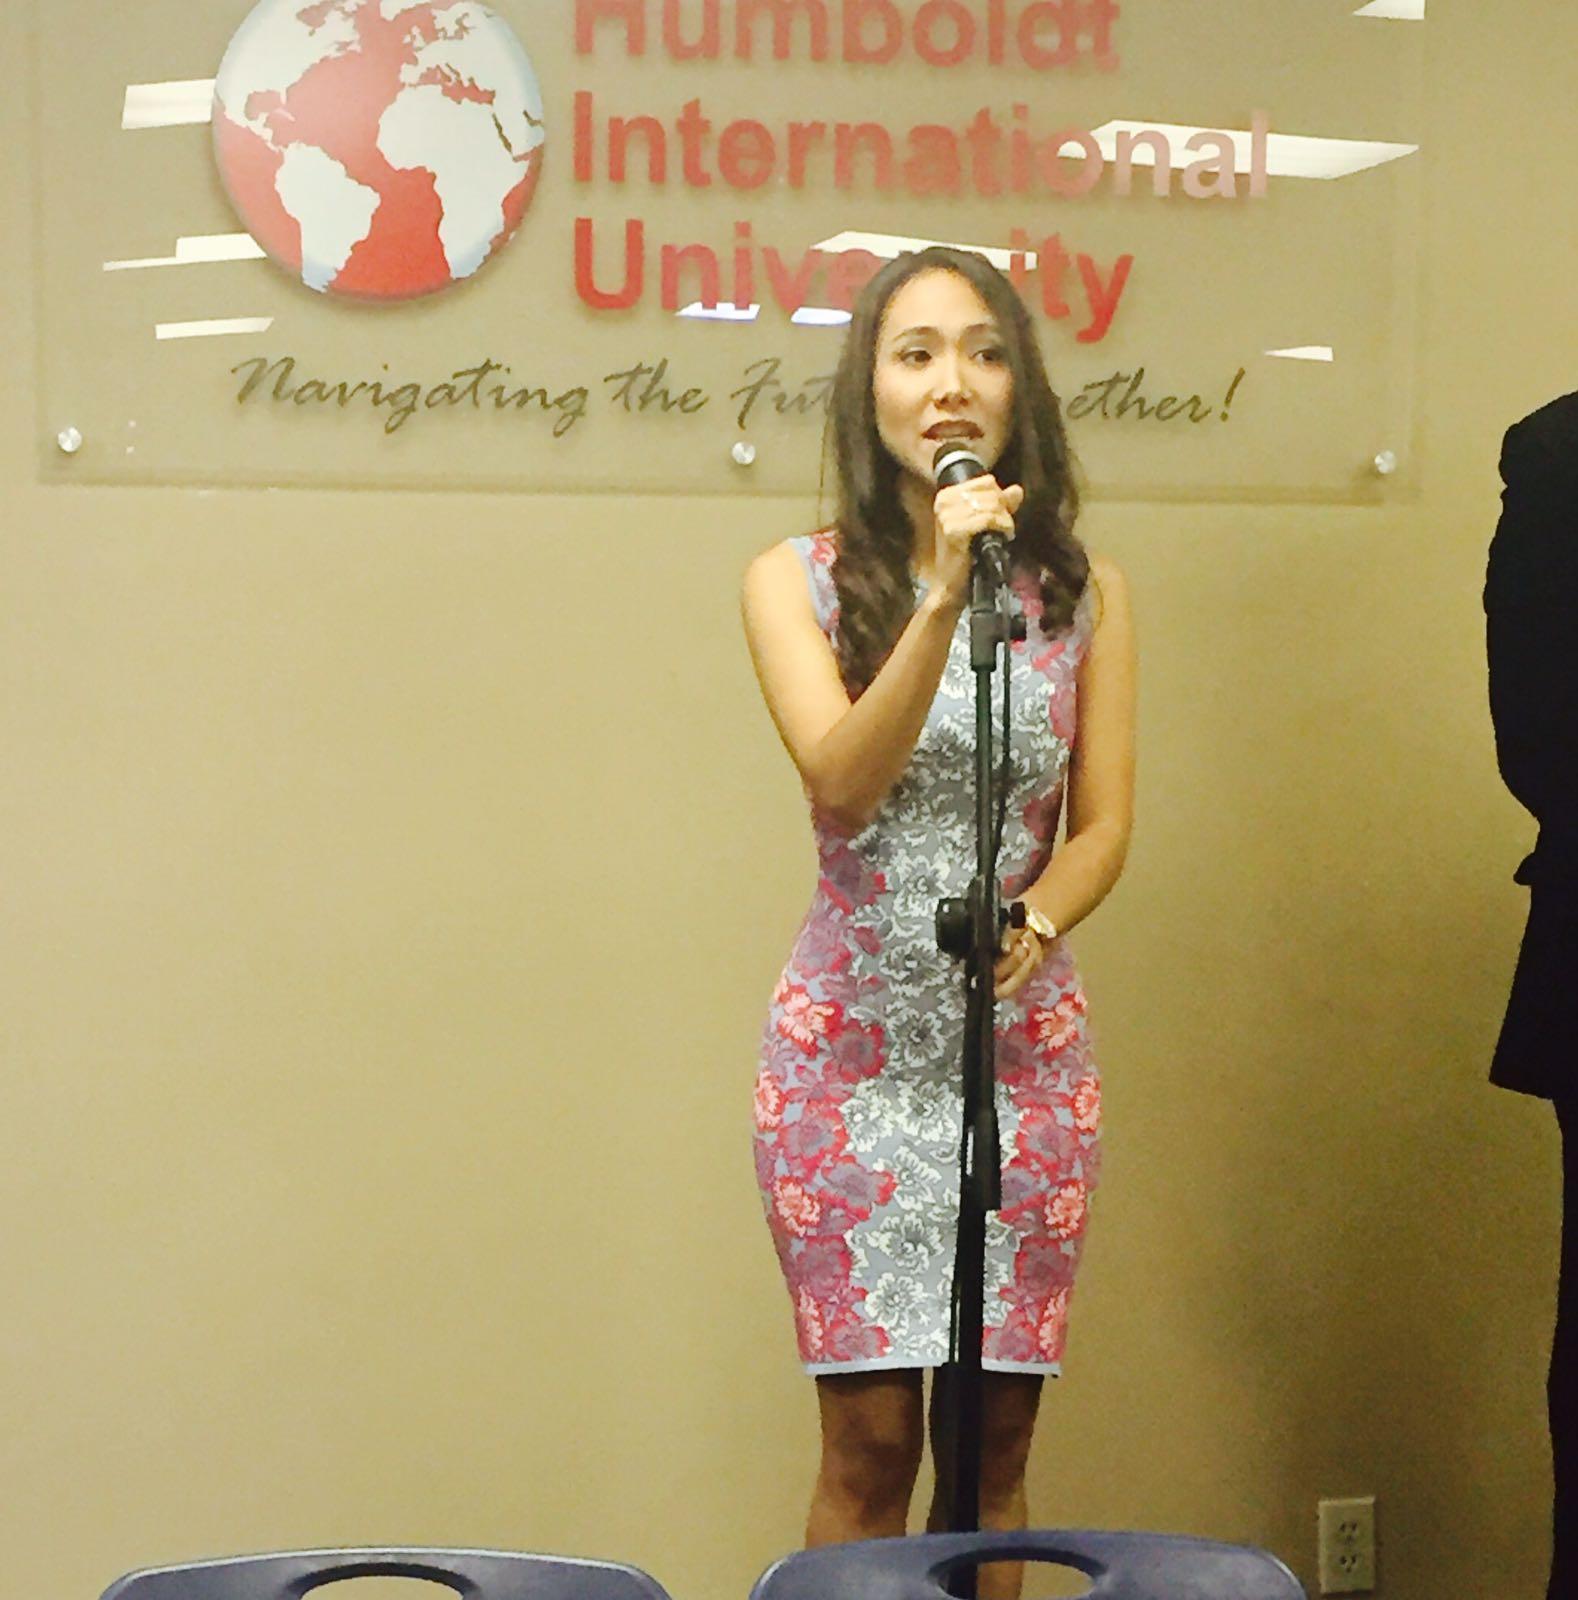 La cantante Verónica Herrera de la prestigiosa academia MM Vocal Coach, interpretó las gloriosas notas del himno nacional de los Estados Unidos.